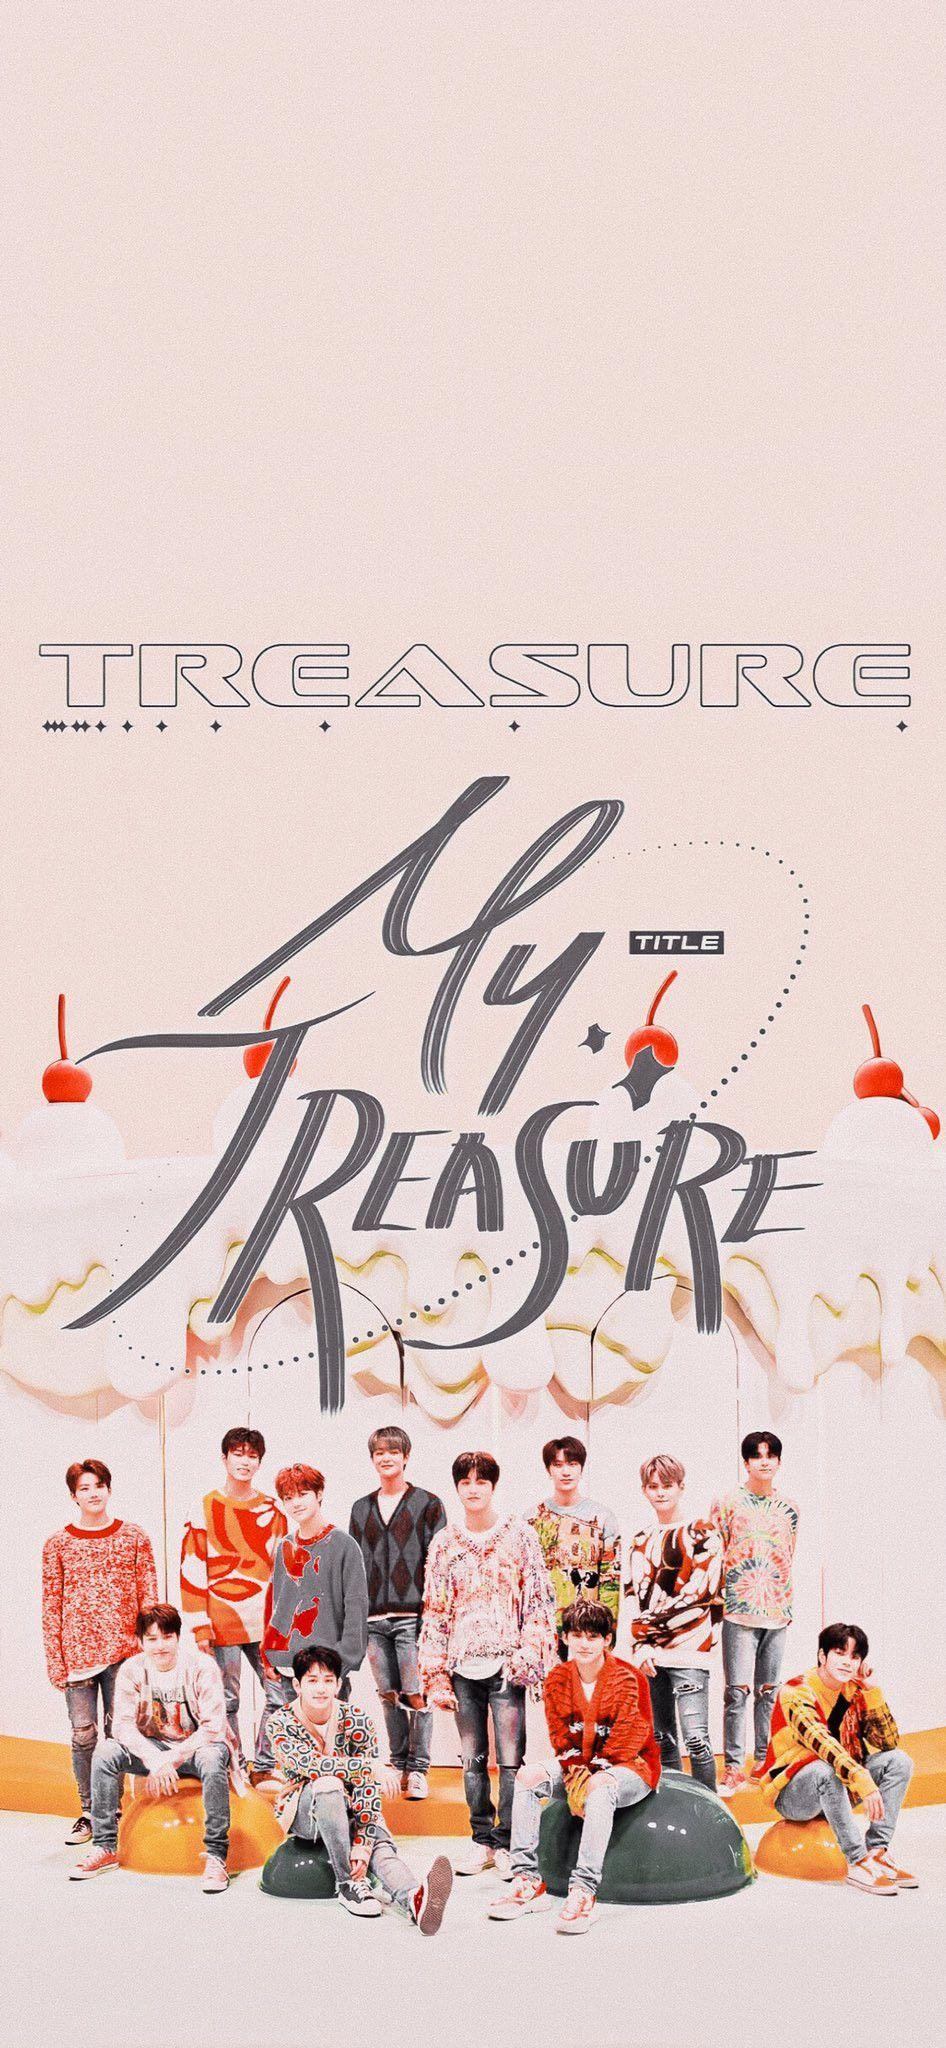 Treasure Walpaper Gambar Realistis Kartun Wallpaper Lucu